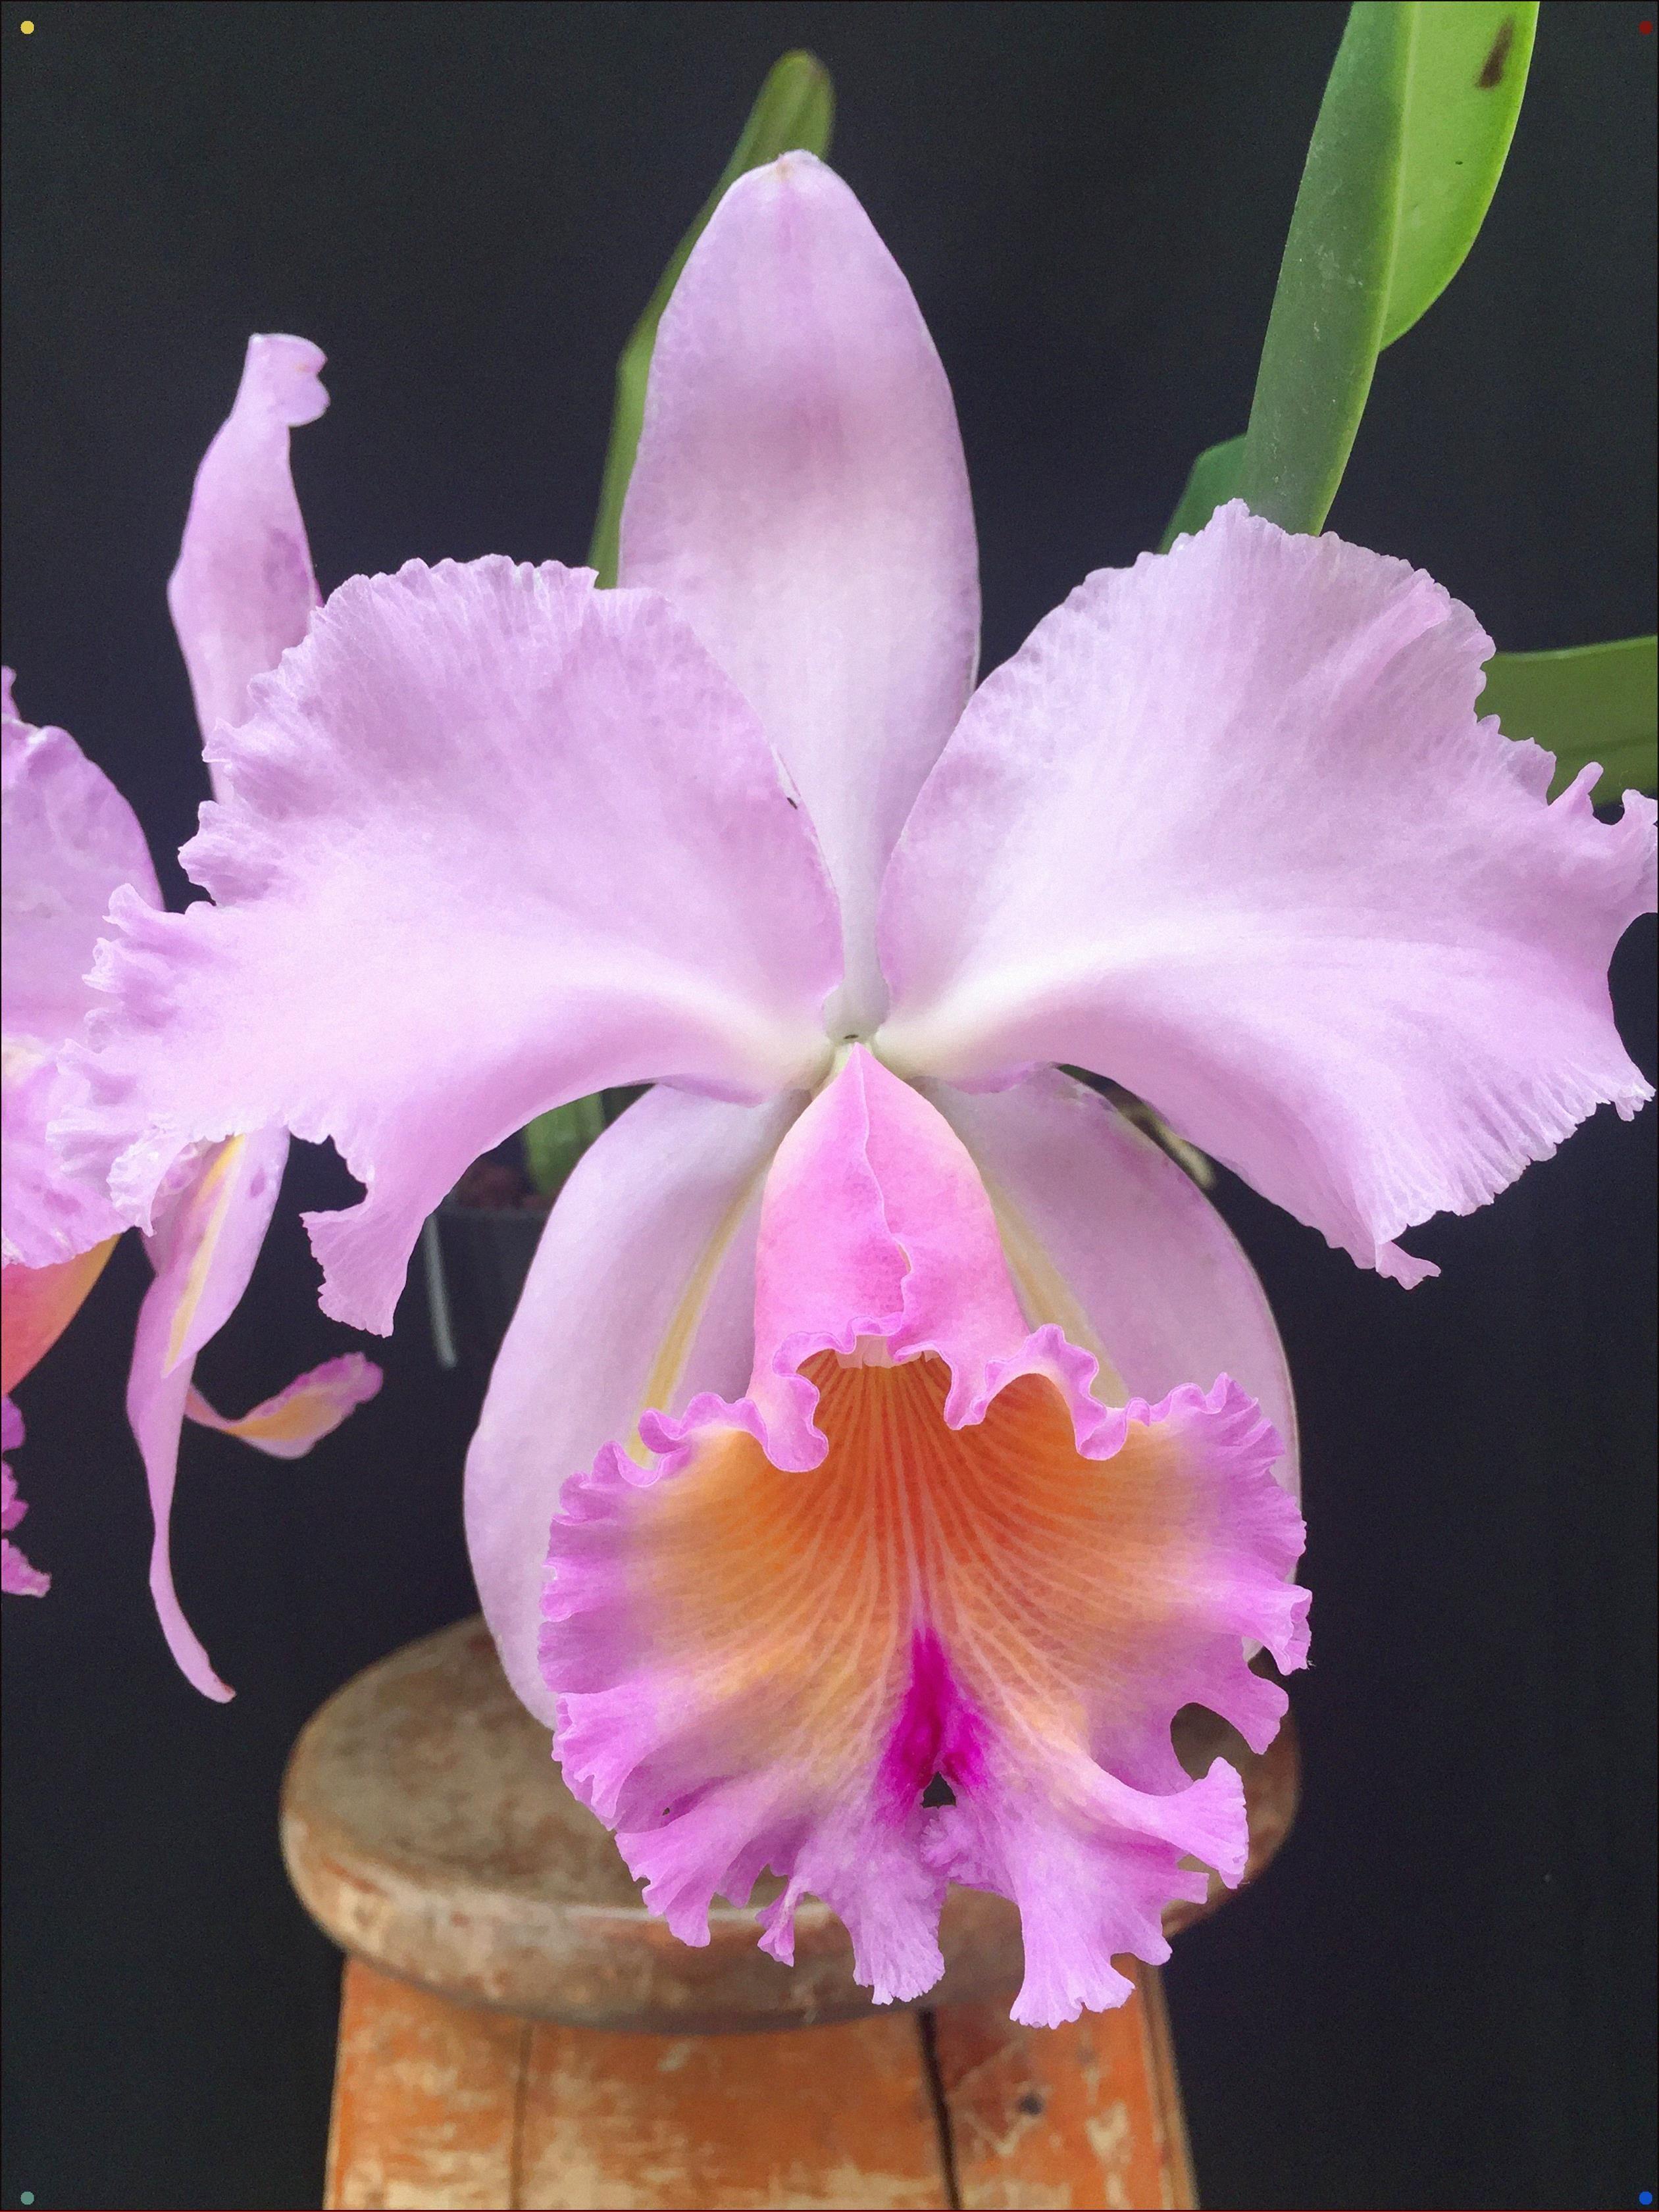 Orqudea Cattleya Hbrido Pink Orchid Flower Garden Flower Beds Cattleya Orchid